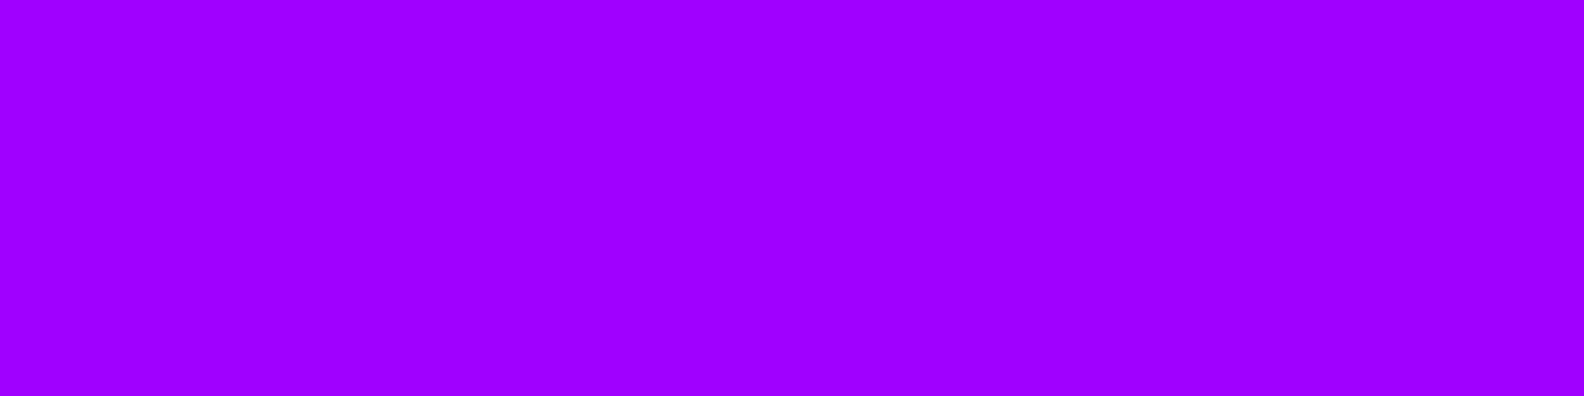 1584x396 Vivid Violet Solid Color Background